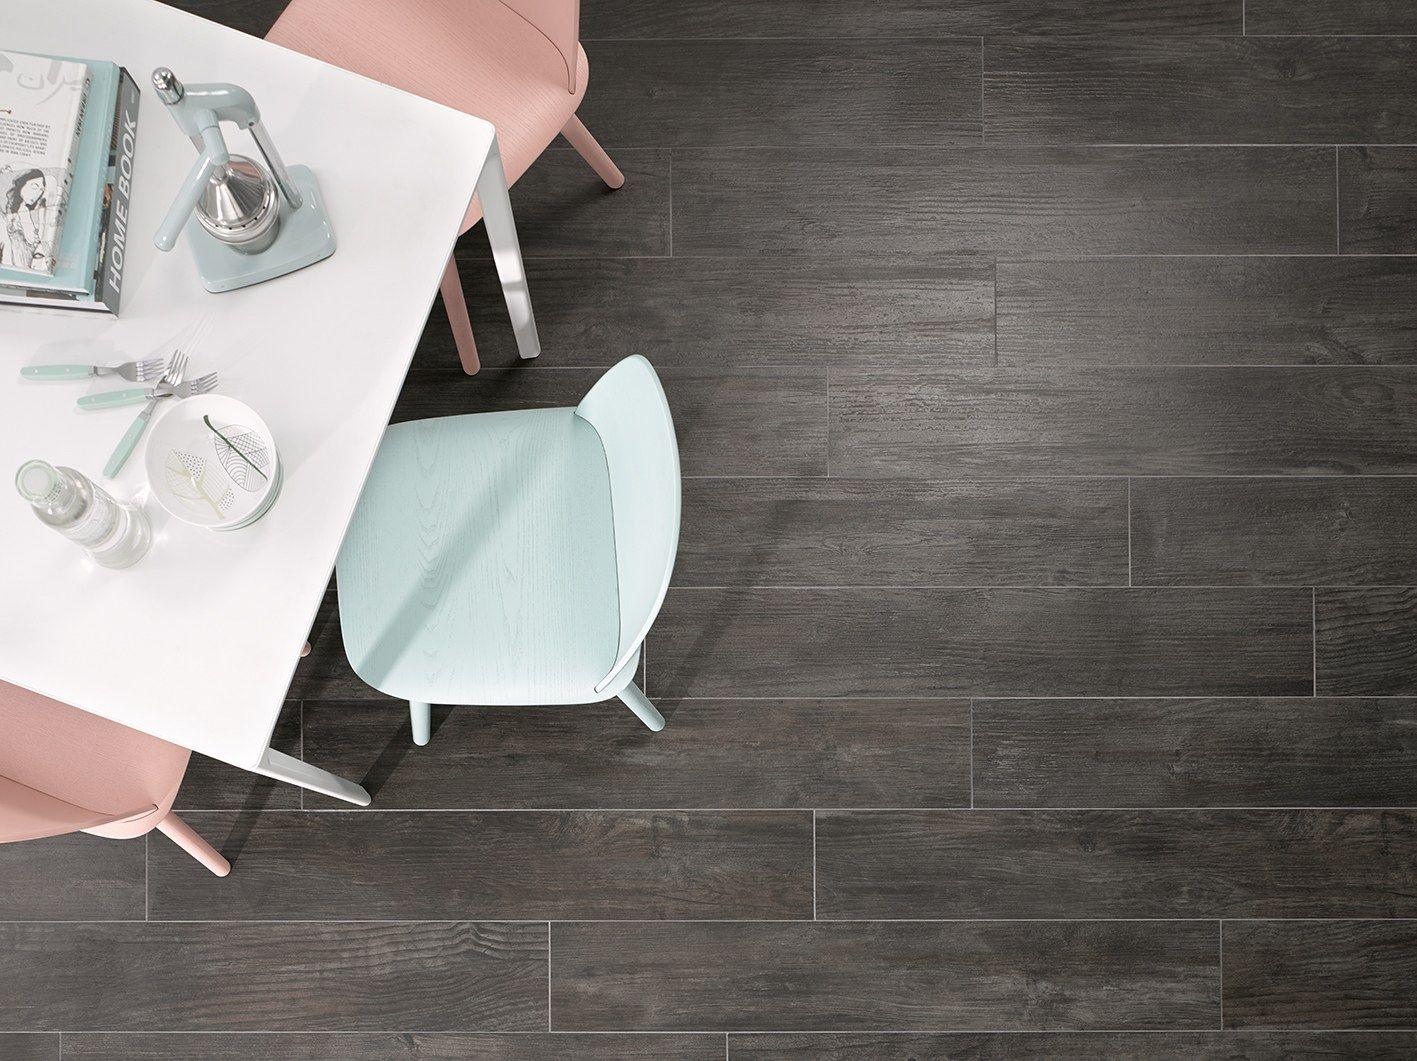 Rustikale badezimmerdekorideen porcelain stoneware wall tiles  flooring schwarzwald by steuler